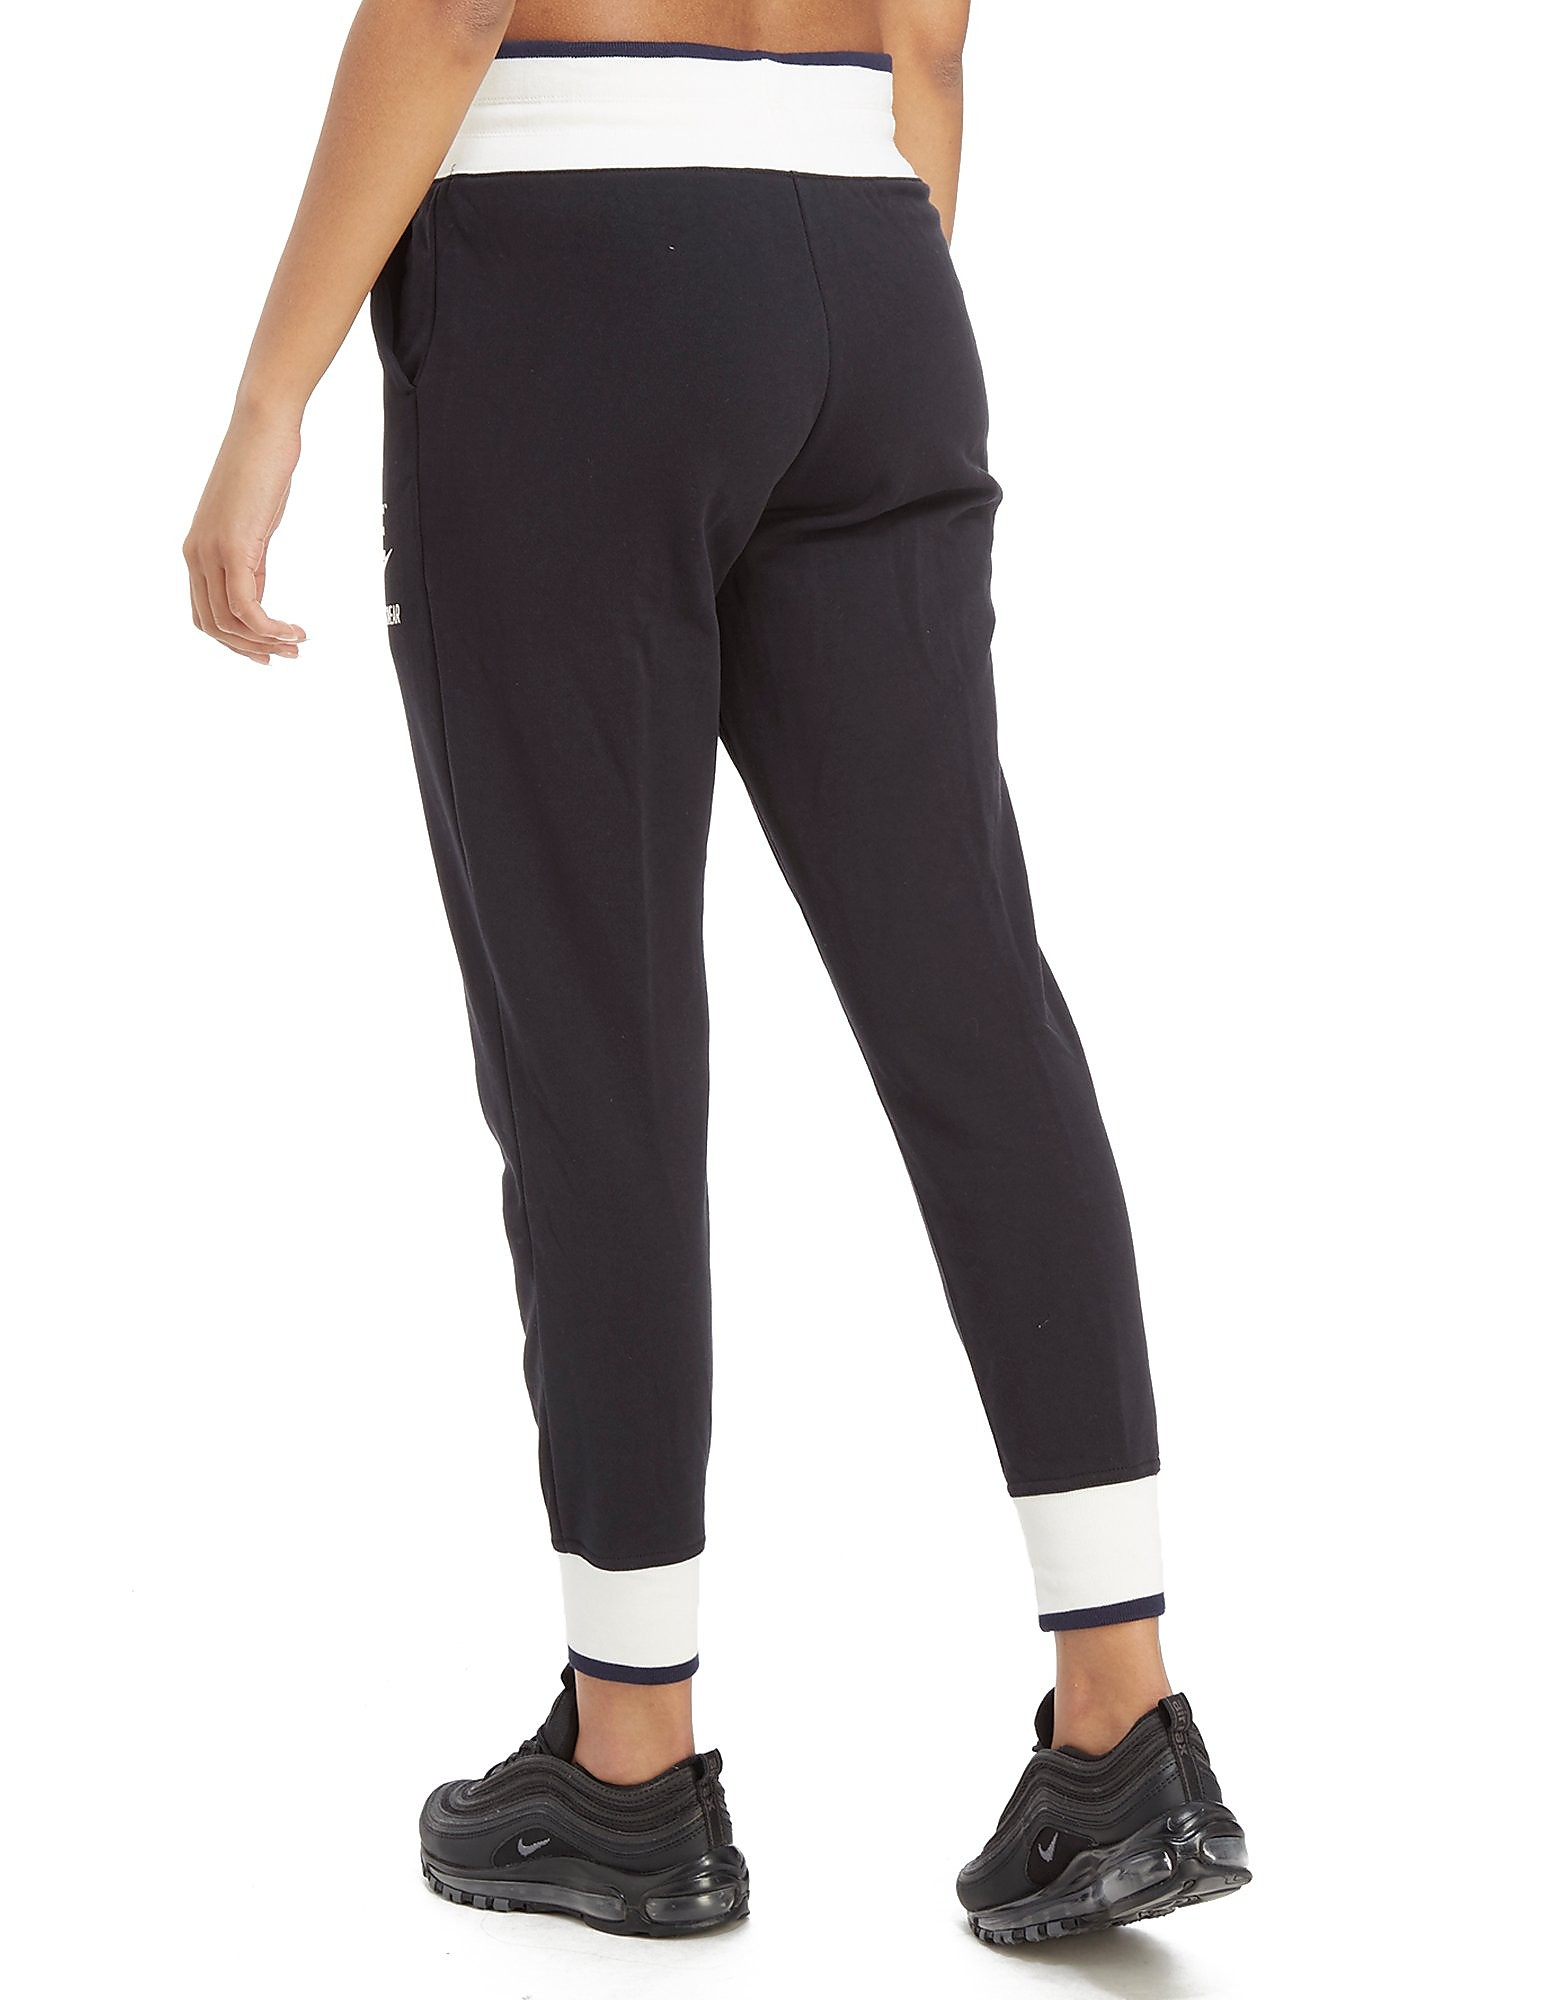 Nike Archive Fleece Pants